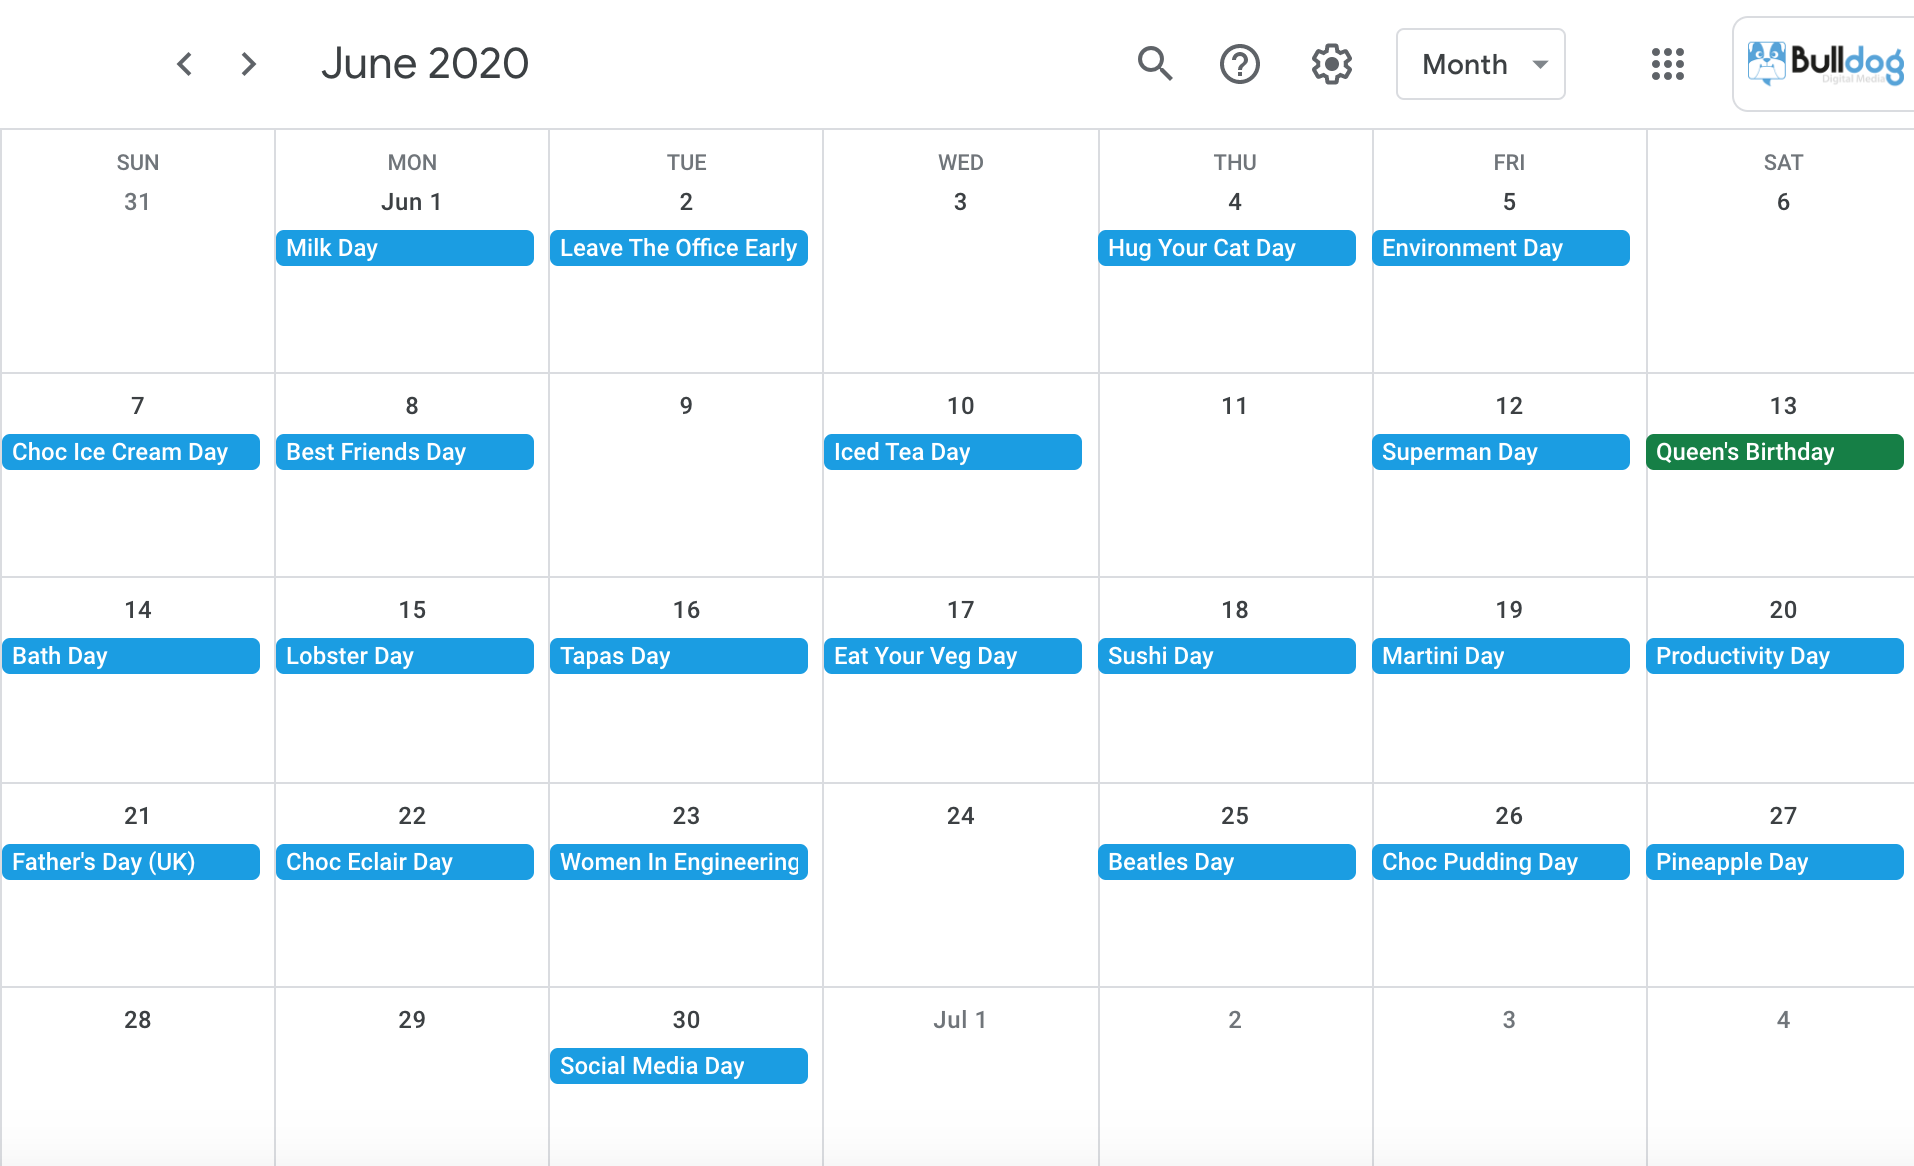 June 2020 social media holidays calendar